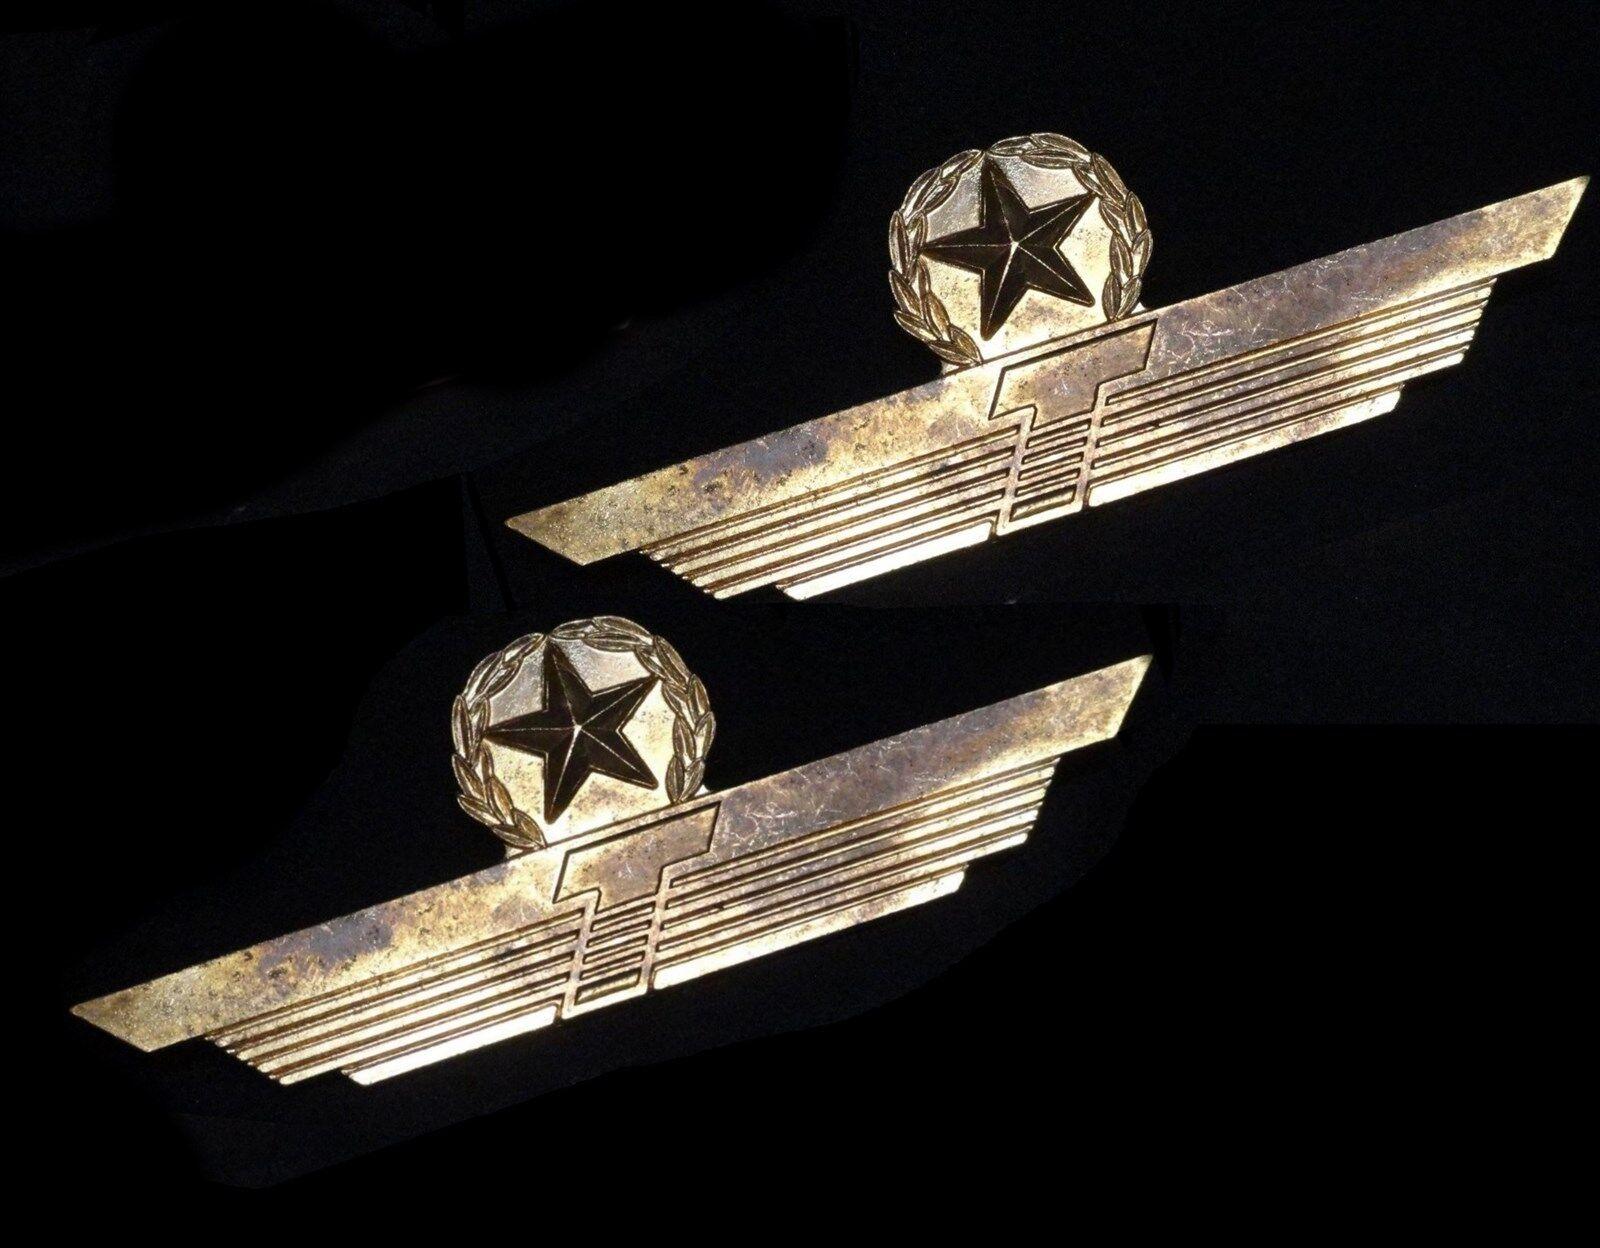 Details about ( 2 ) RARE Vintage Obsolete Donald TRUMP AIRLINES * PILOT  CAPTAINS UNIFORM WING